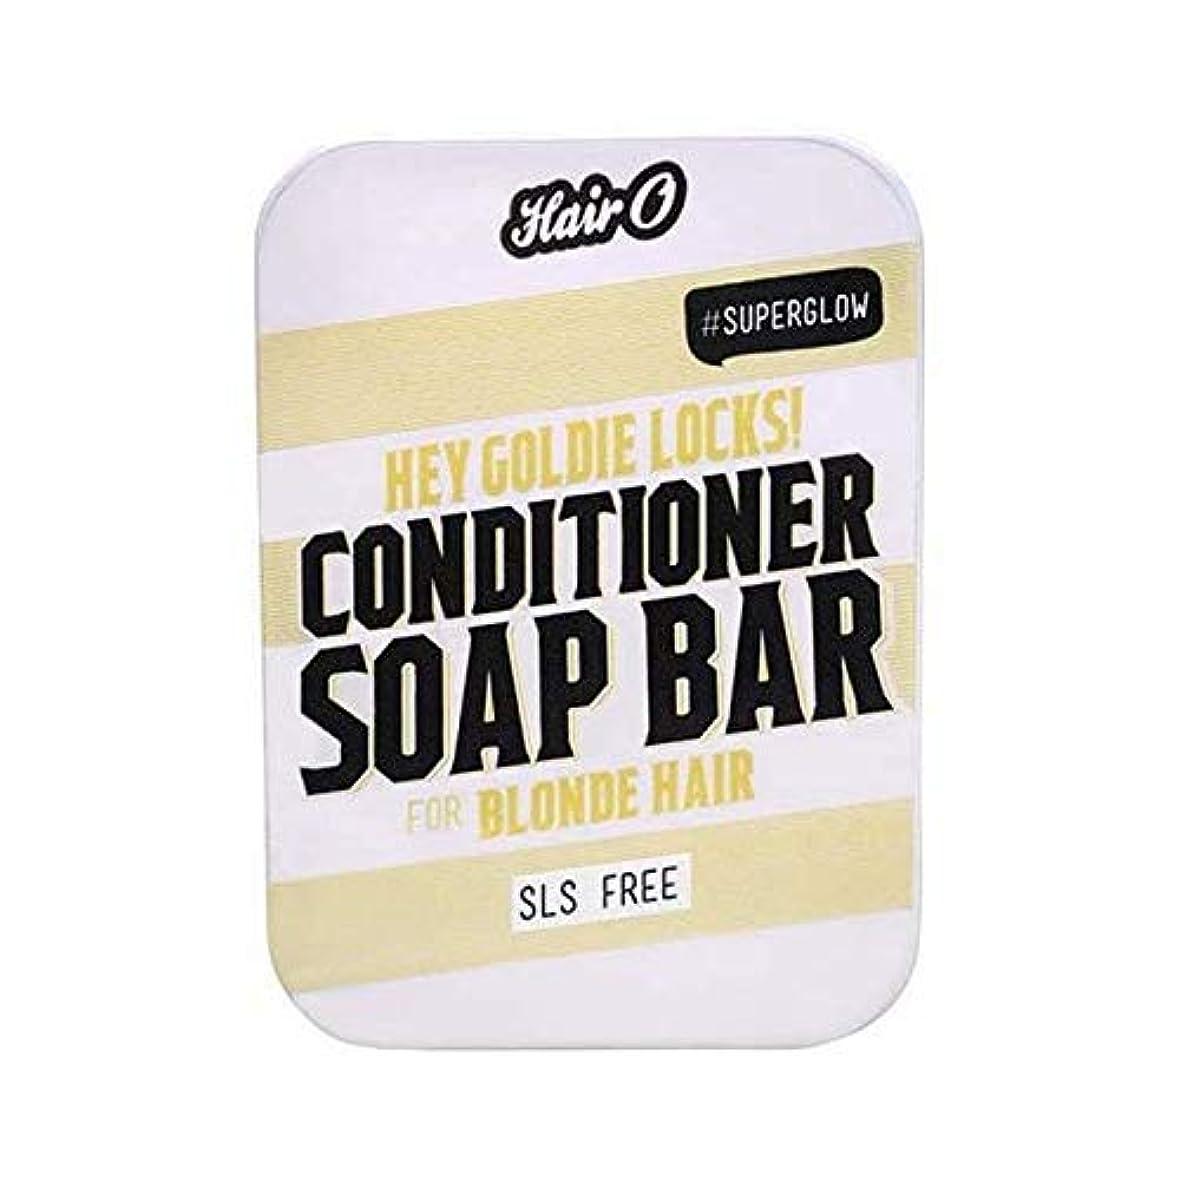 対応するロータリー祝福[Hair O ] 髪ちょっとOゴールディロックCondtioner石鹸バー100グラム - Hair O Hey Goldie Locks Condtioner Soap Bar 100g [並行輸入品]